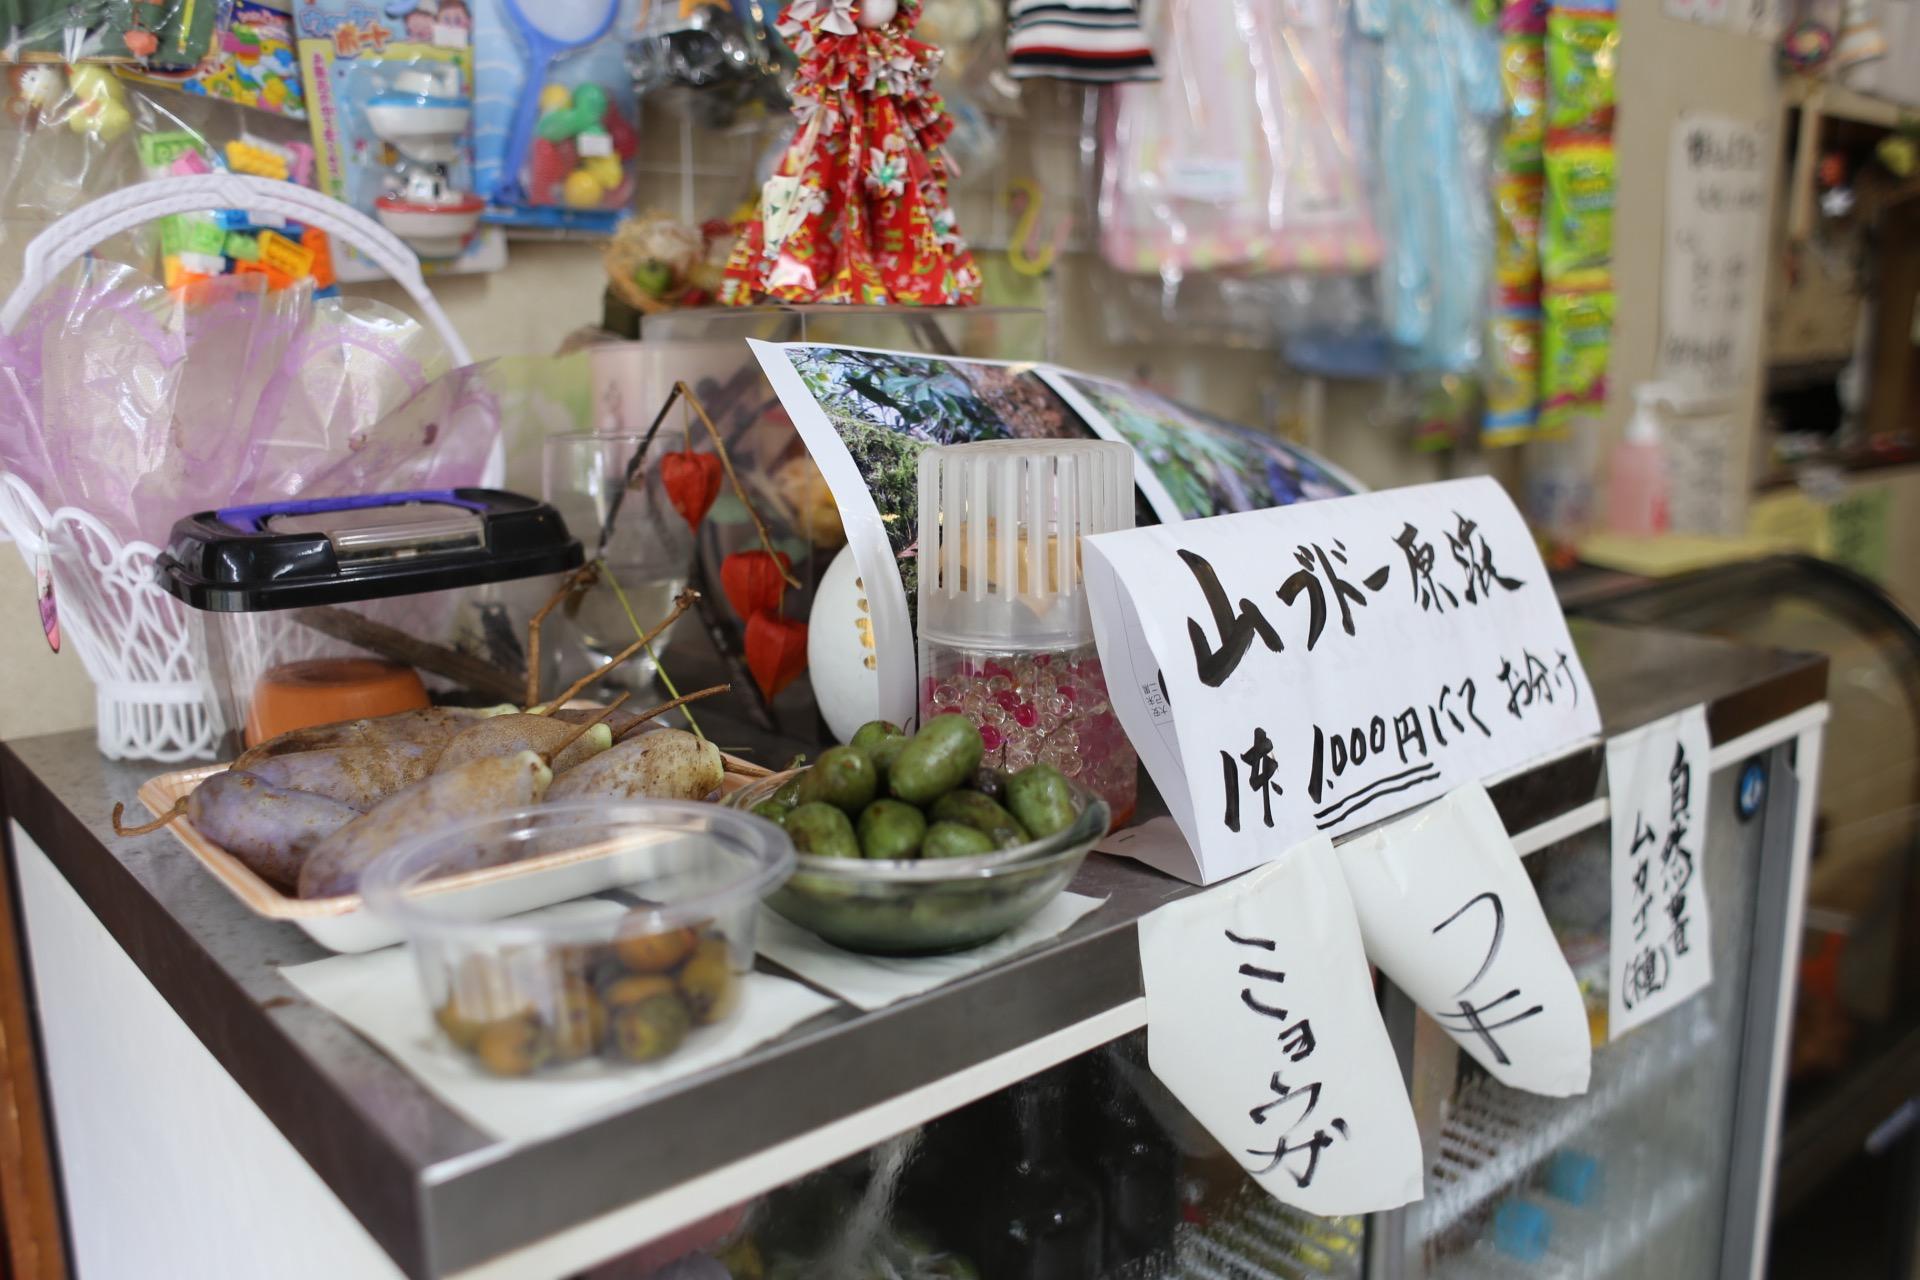 冷蔵庫の上に載っていた果物を発見。手前にあるのがマタタビ、右がキウイ科のサルナシ。